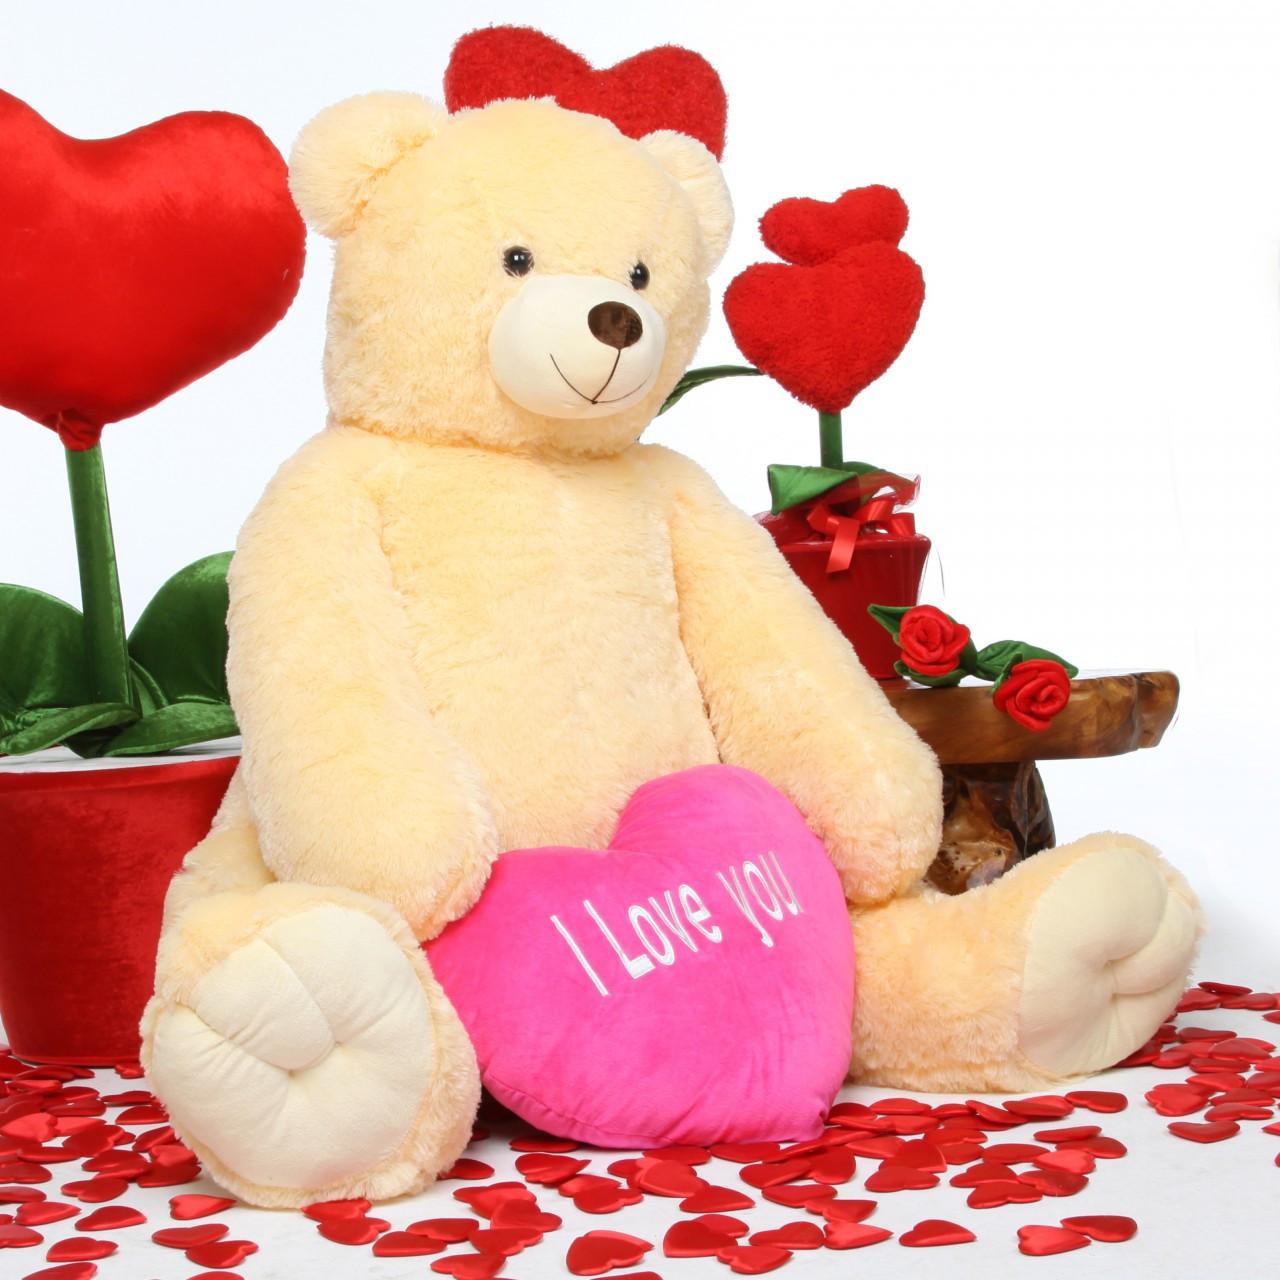 Jumbo Tiny Heart Tubs I LOVE YOU Hot Pink Heart Cream